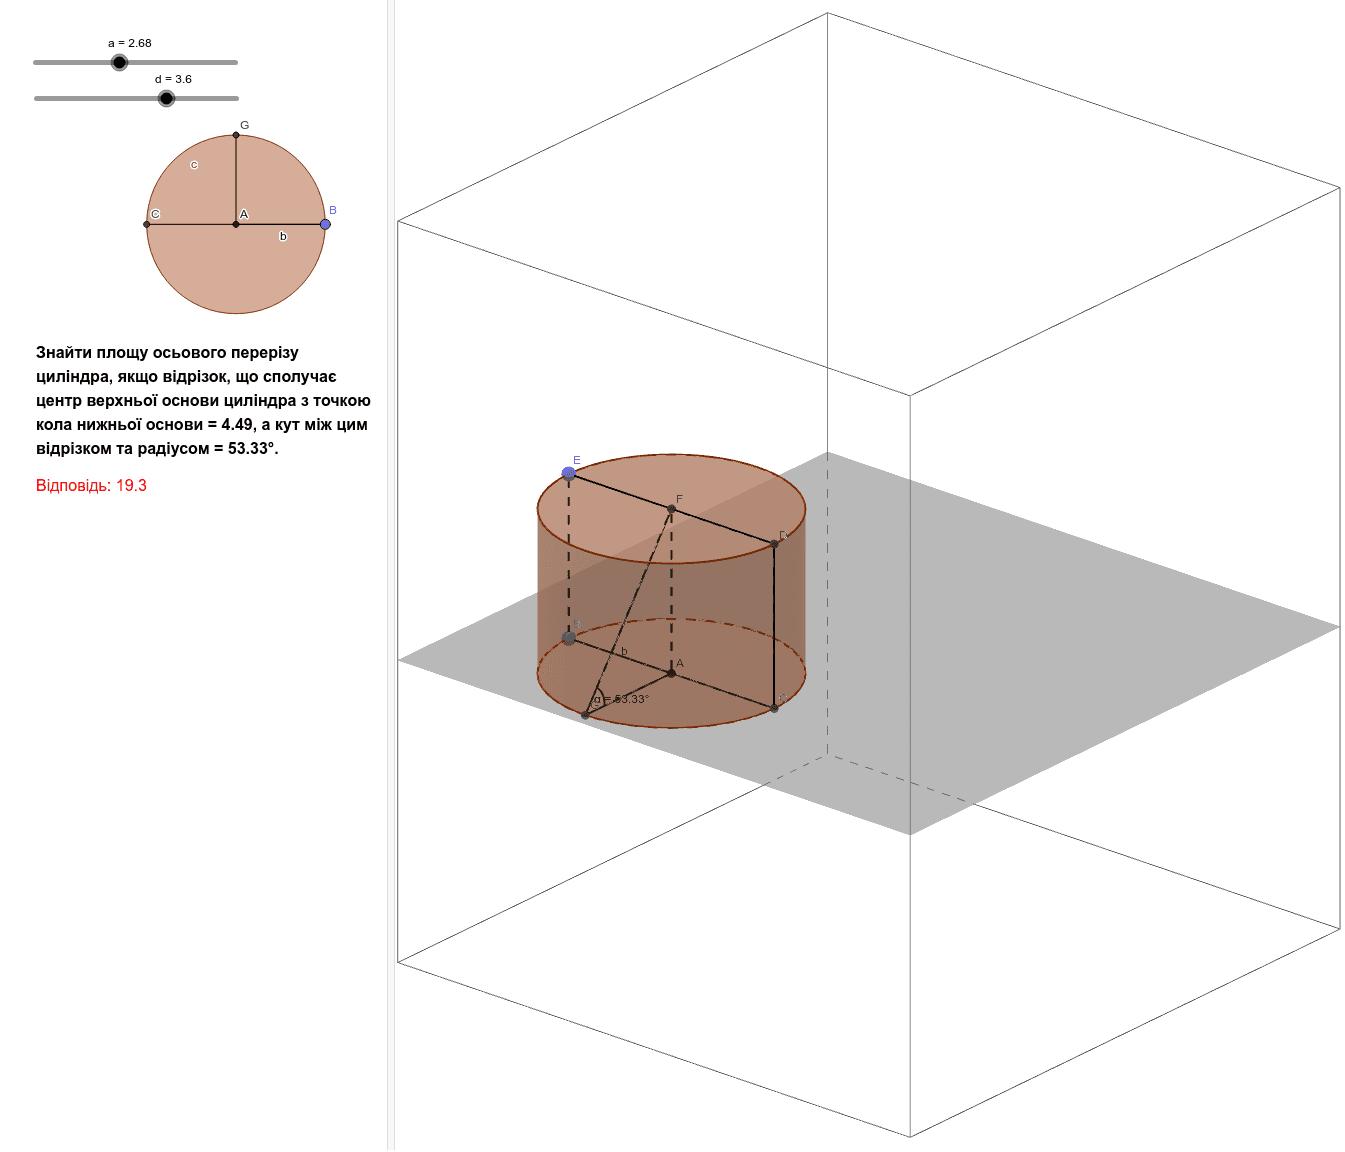 Площа осьового перерізу циліндра